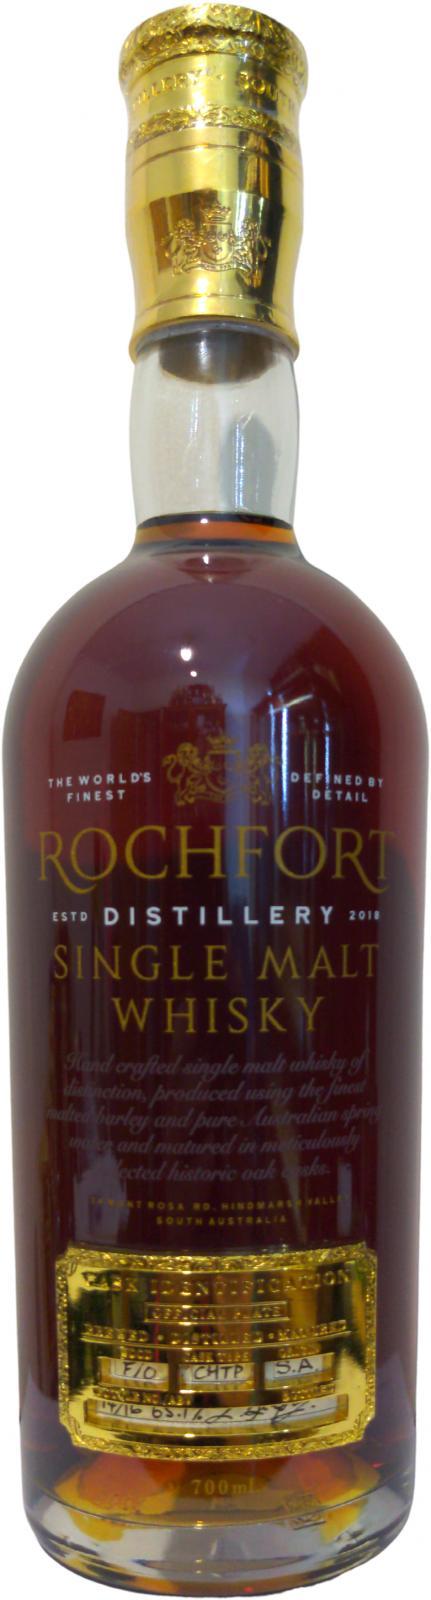 Rochfort Single Malt Whisky